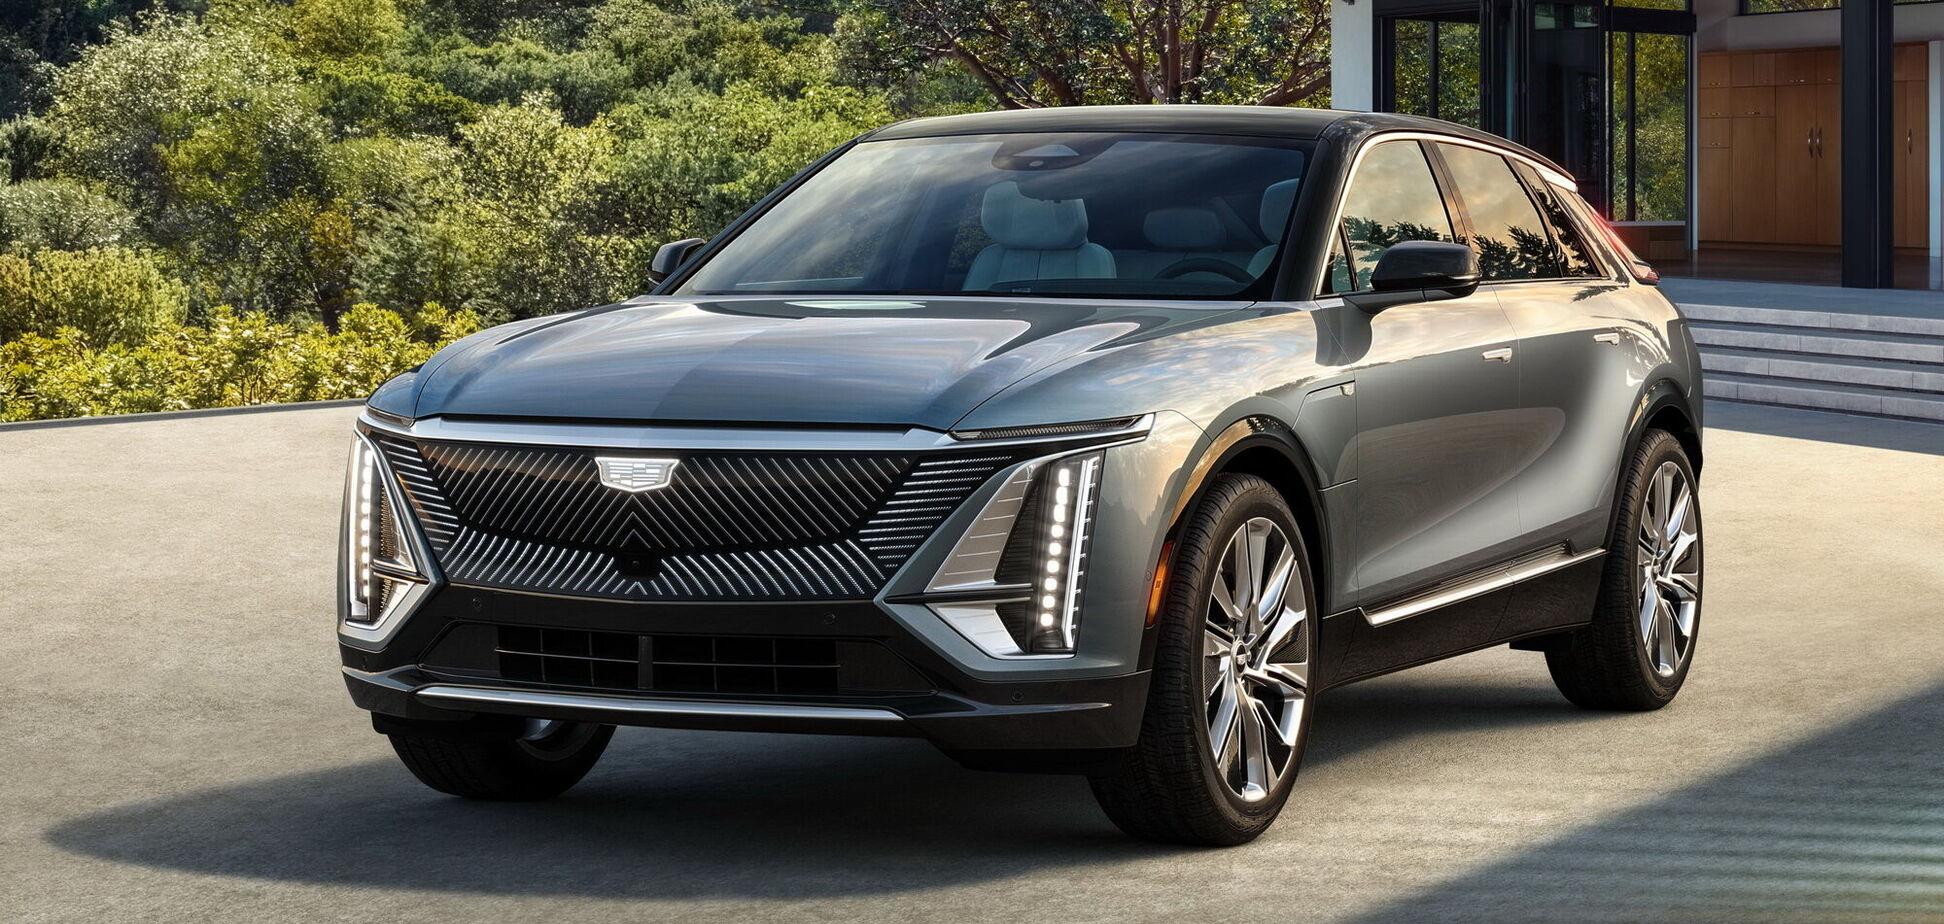 Cadillac презентовал первый в своей истории электромобиль